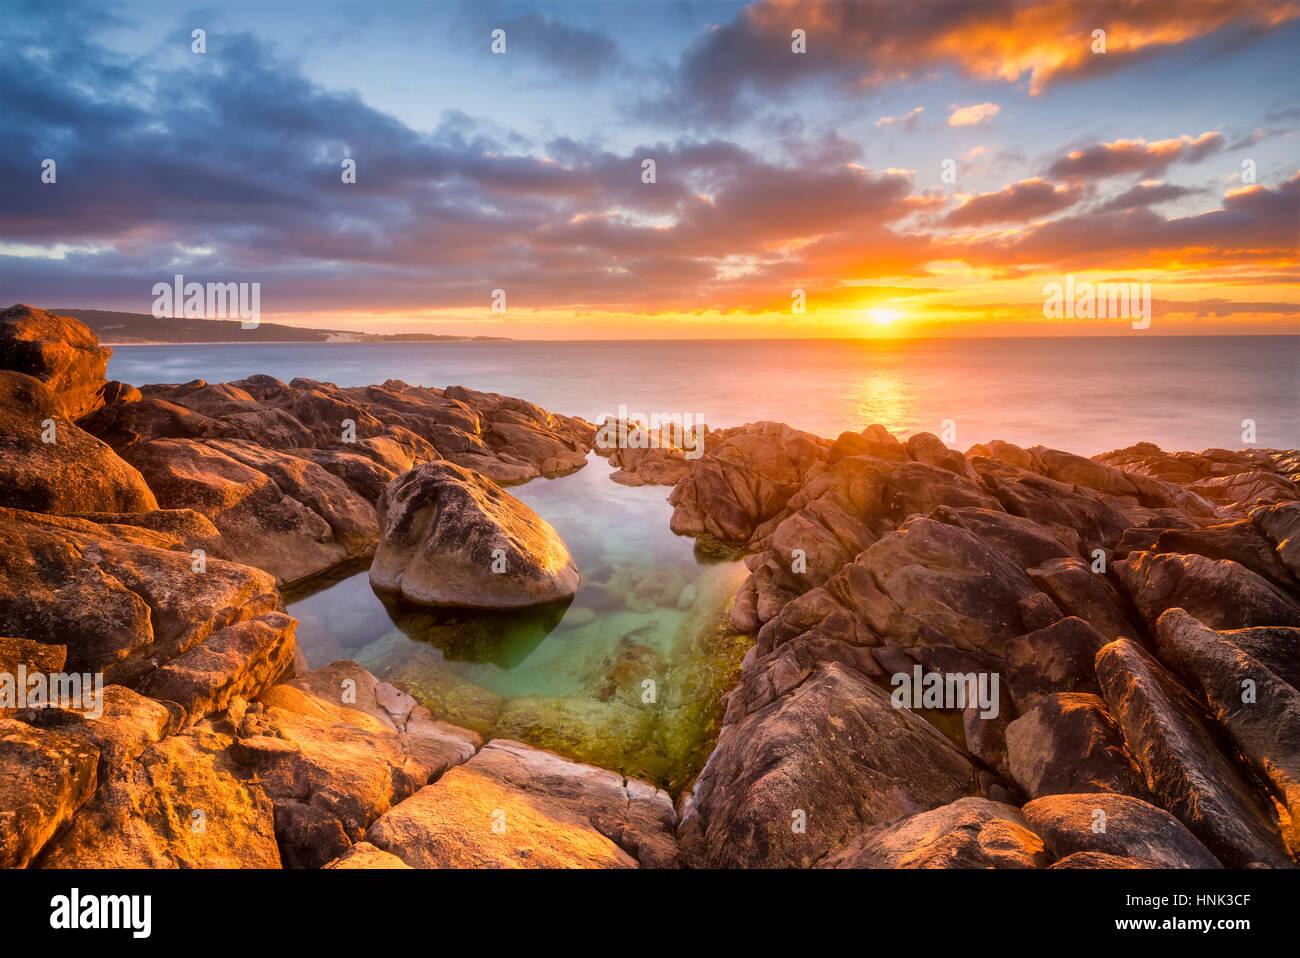 Goldene Küste Sonnenuntergang In Wyadup, Westaustralien Stockbild